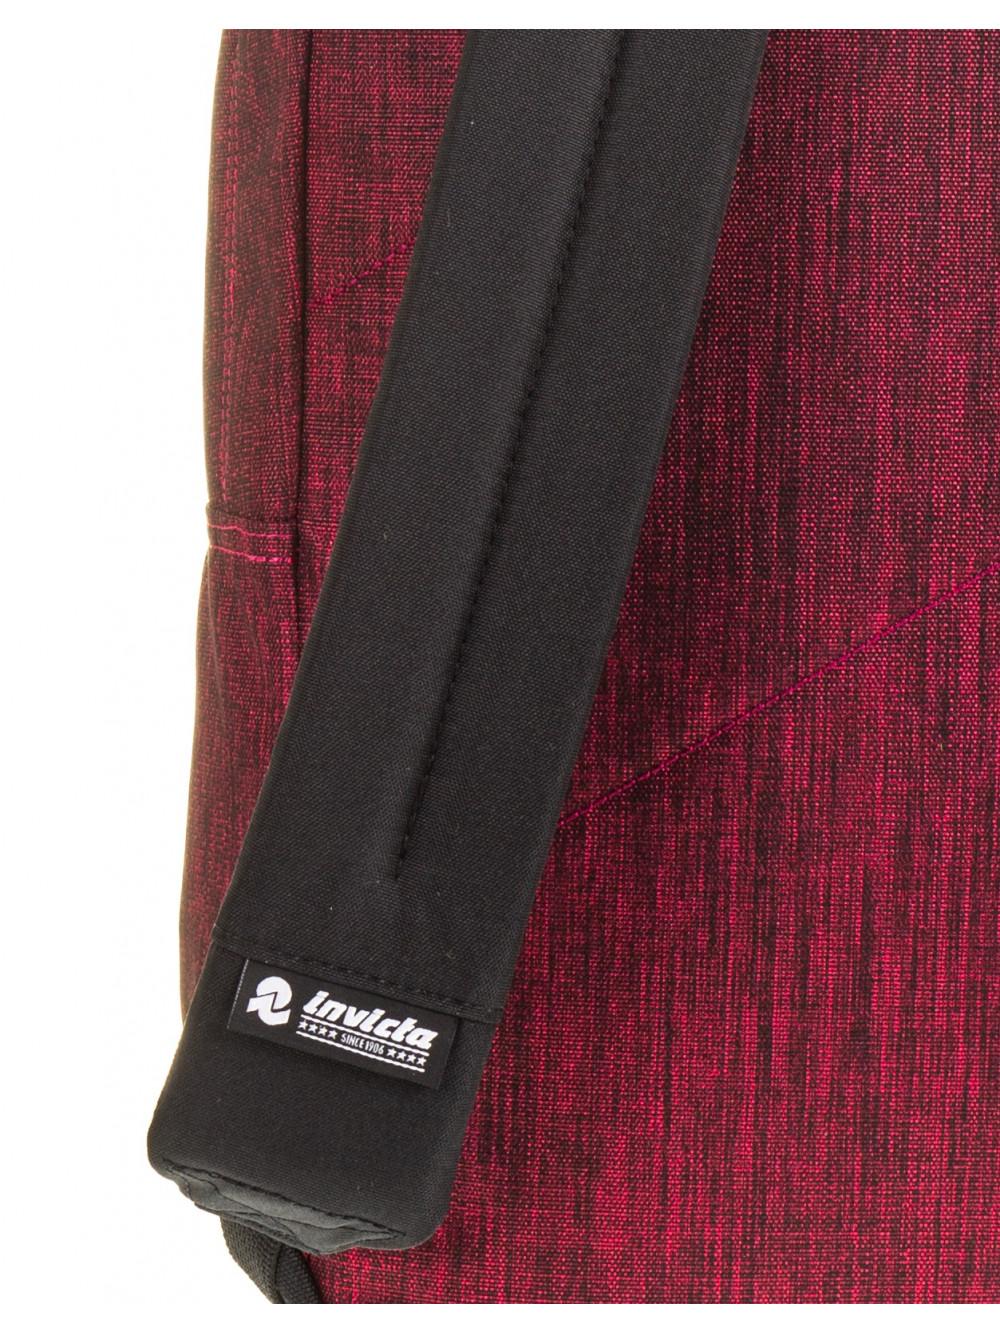 Zaino Carlson Invicta 206001917 rossa melange porta computer lema cartoleria online spallacci